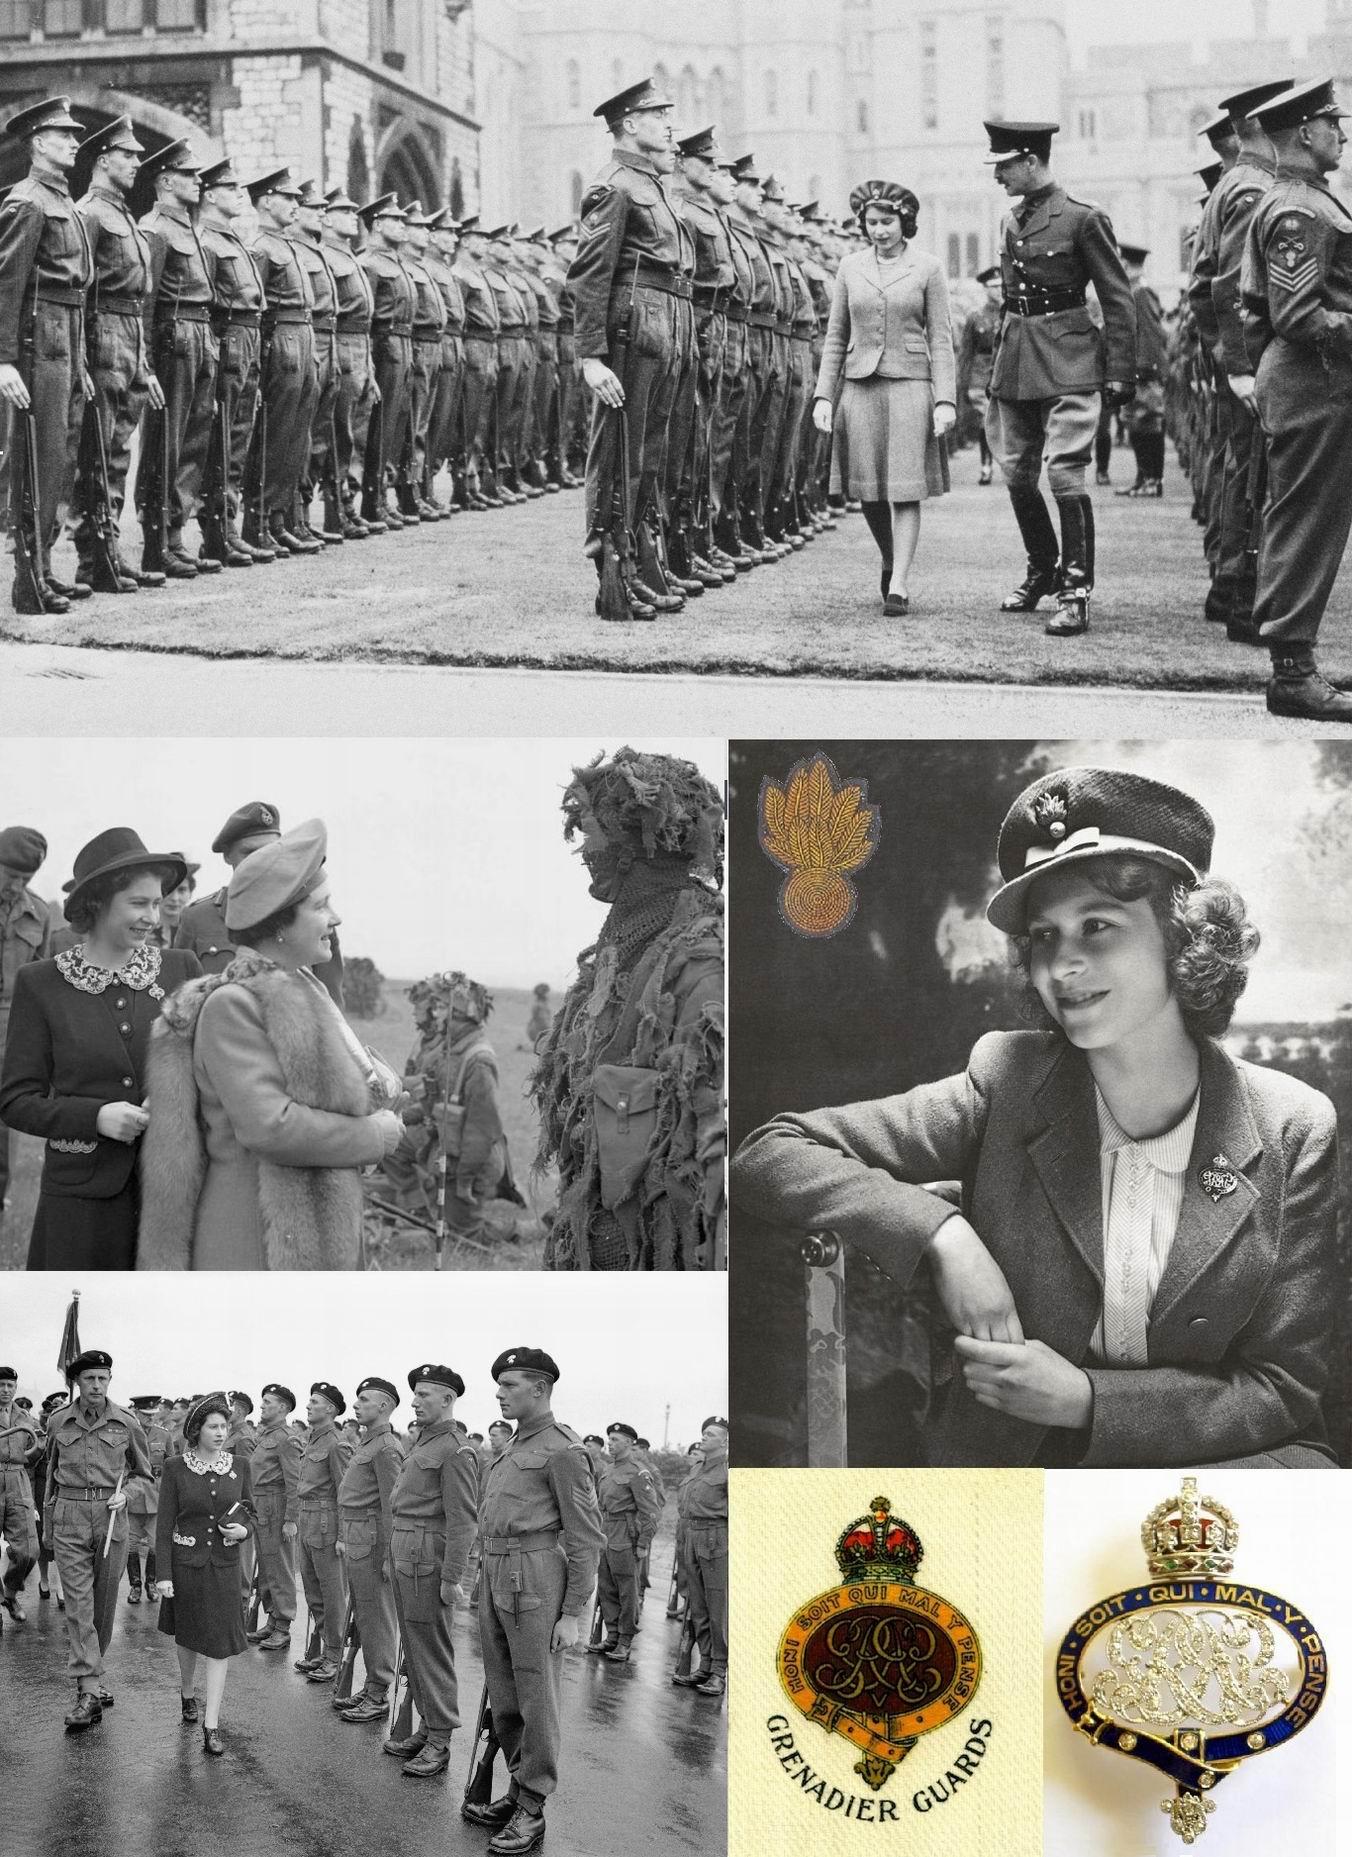 Полковник (шеф) Гвардейского гренадерского полка.